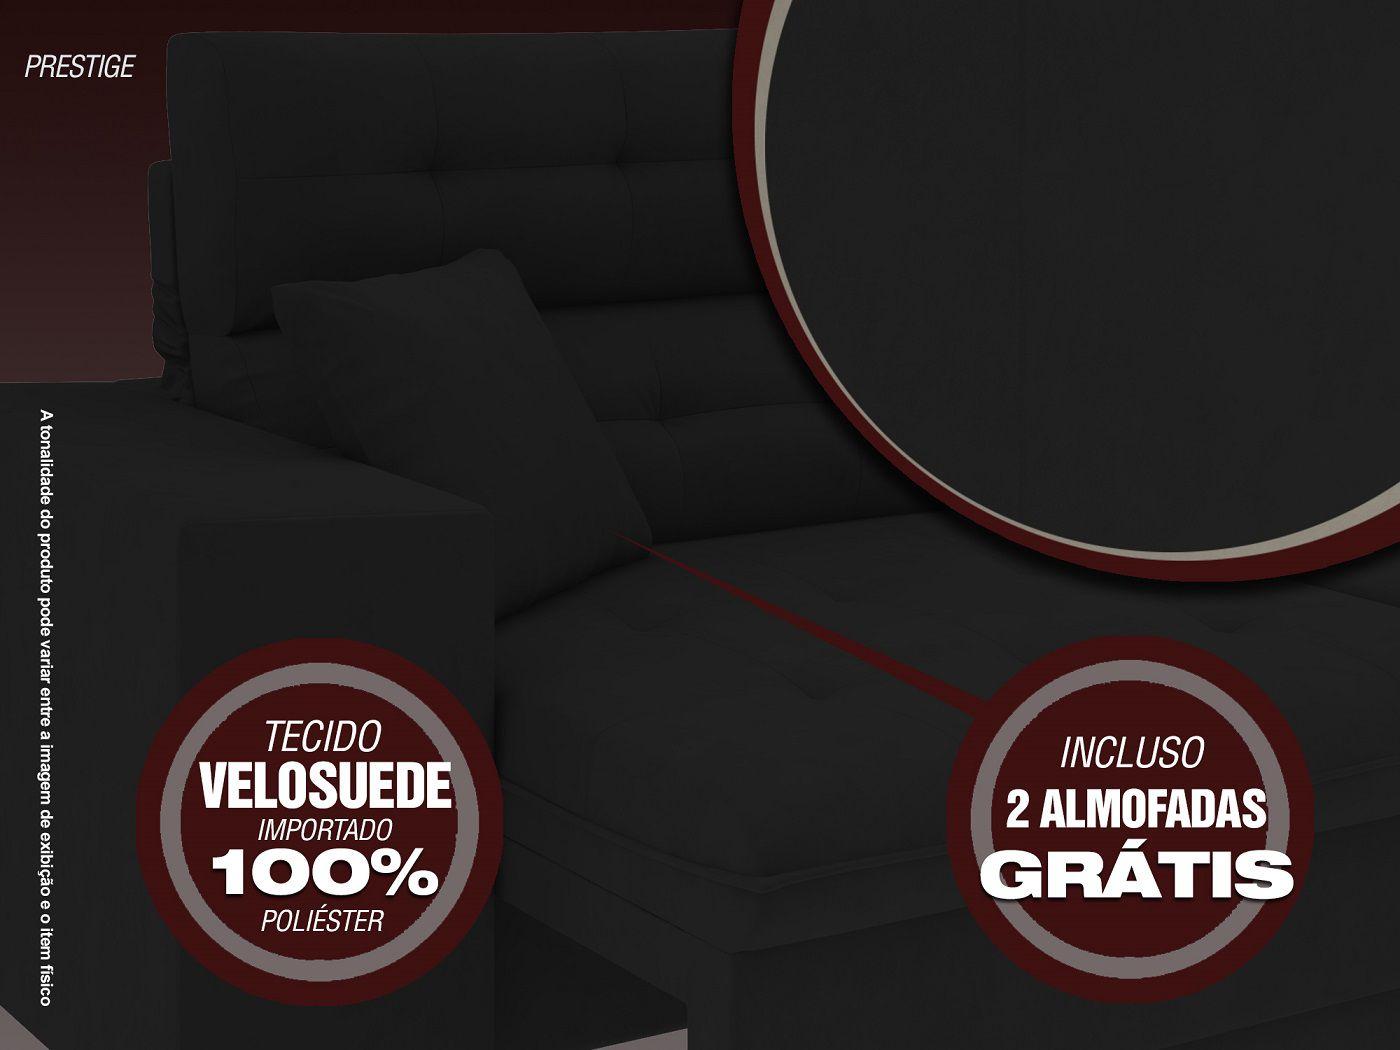 Sofá 4 Lugares Net Prestige Assento Retrátil e Reclinável Preto 2,30m (L)